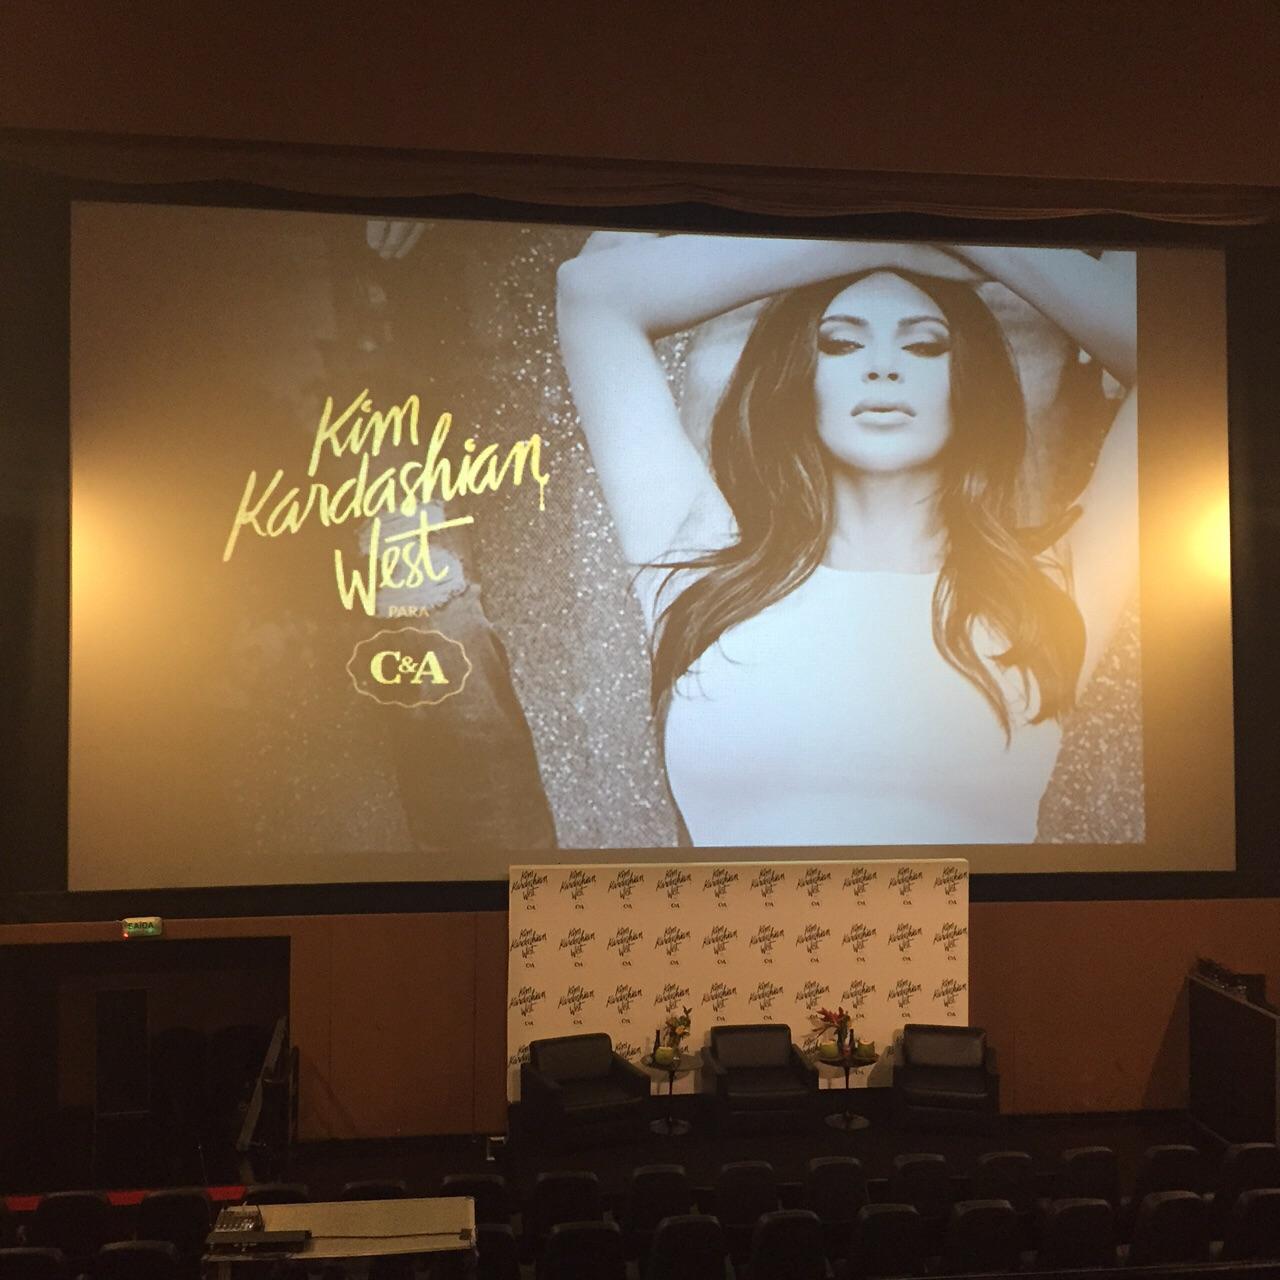 Kim-Kardashian-West-para-CEA-colecao-assinada-dia-dos-namorados-coletiva